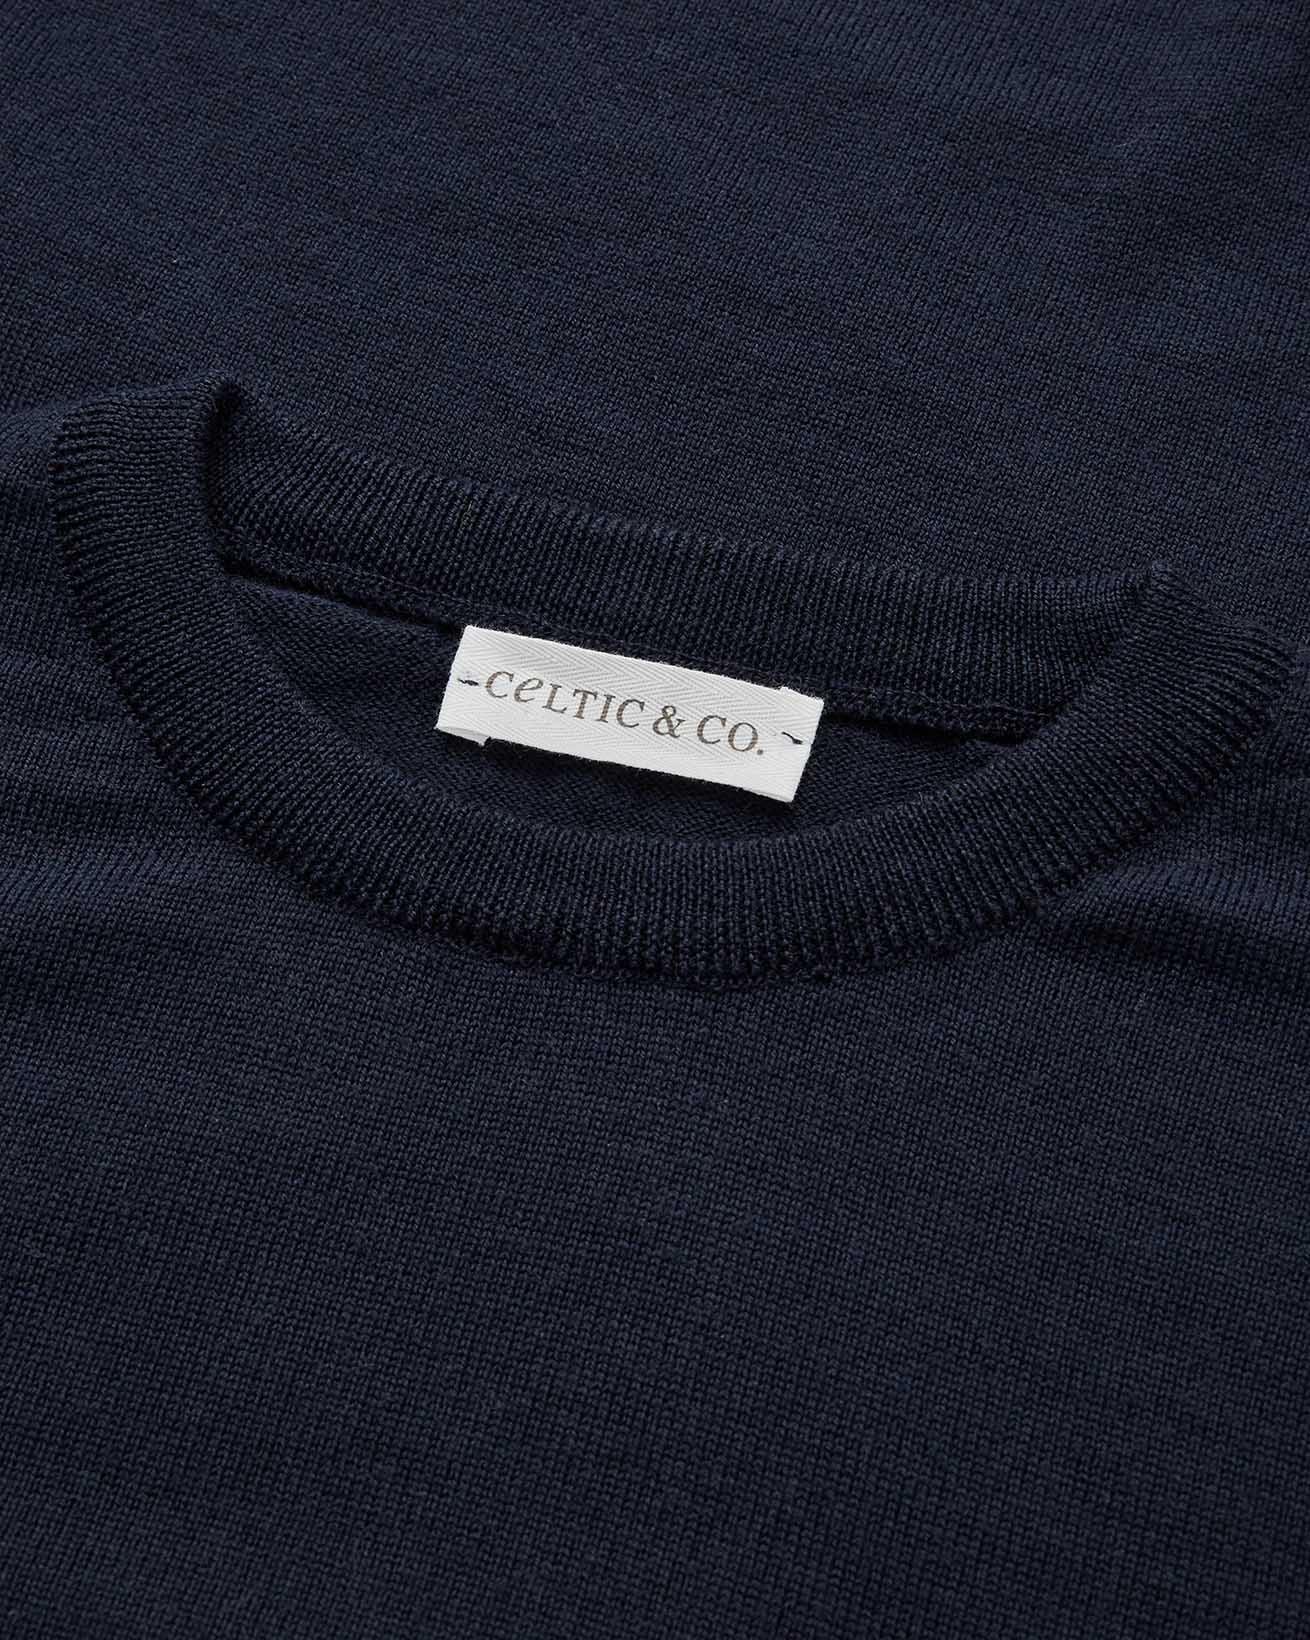 7893_mens-fine-knit-crew-jumper_dark-navy_detail_web.jpg